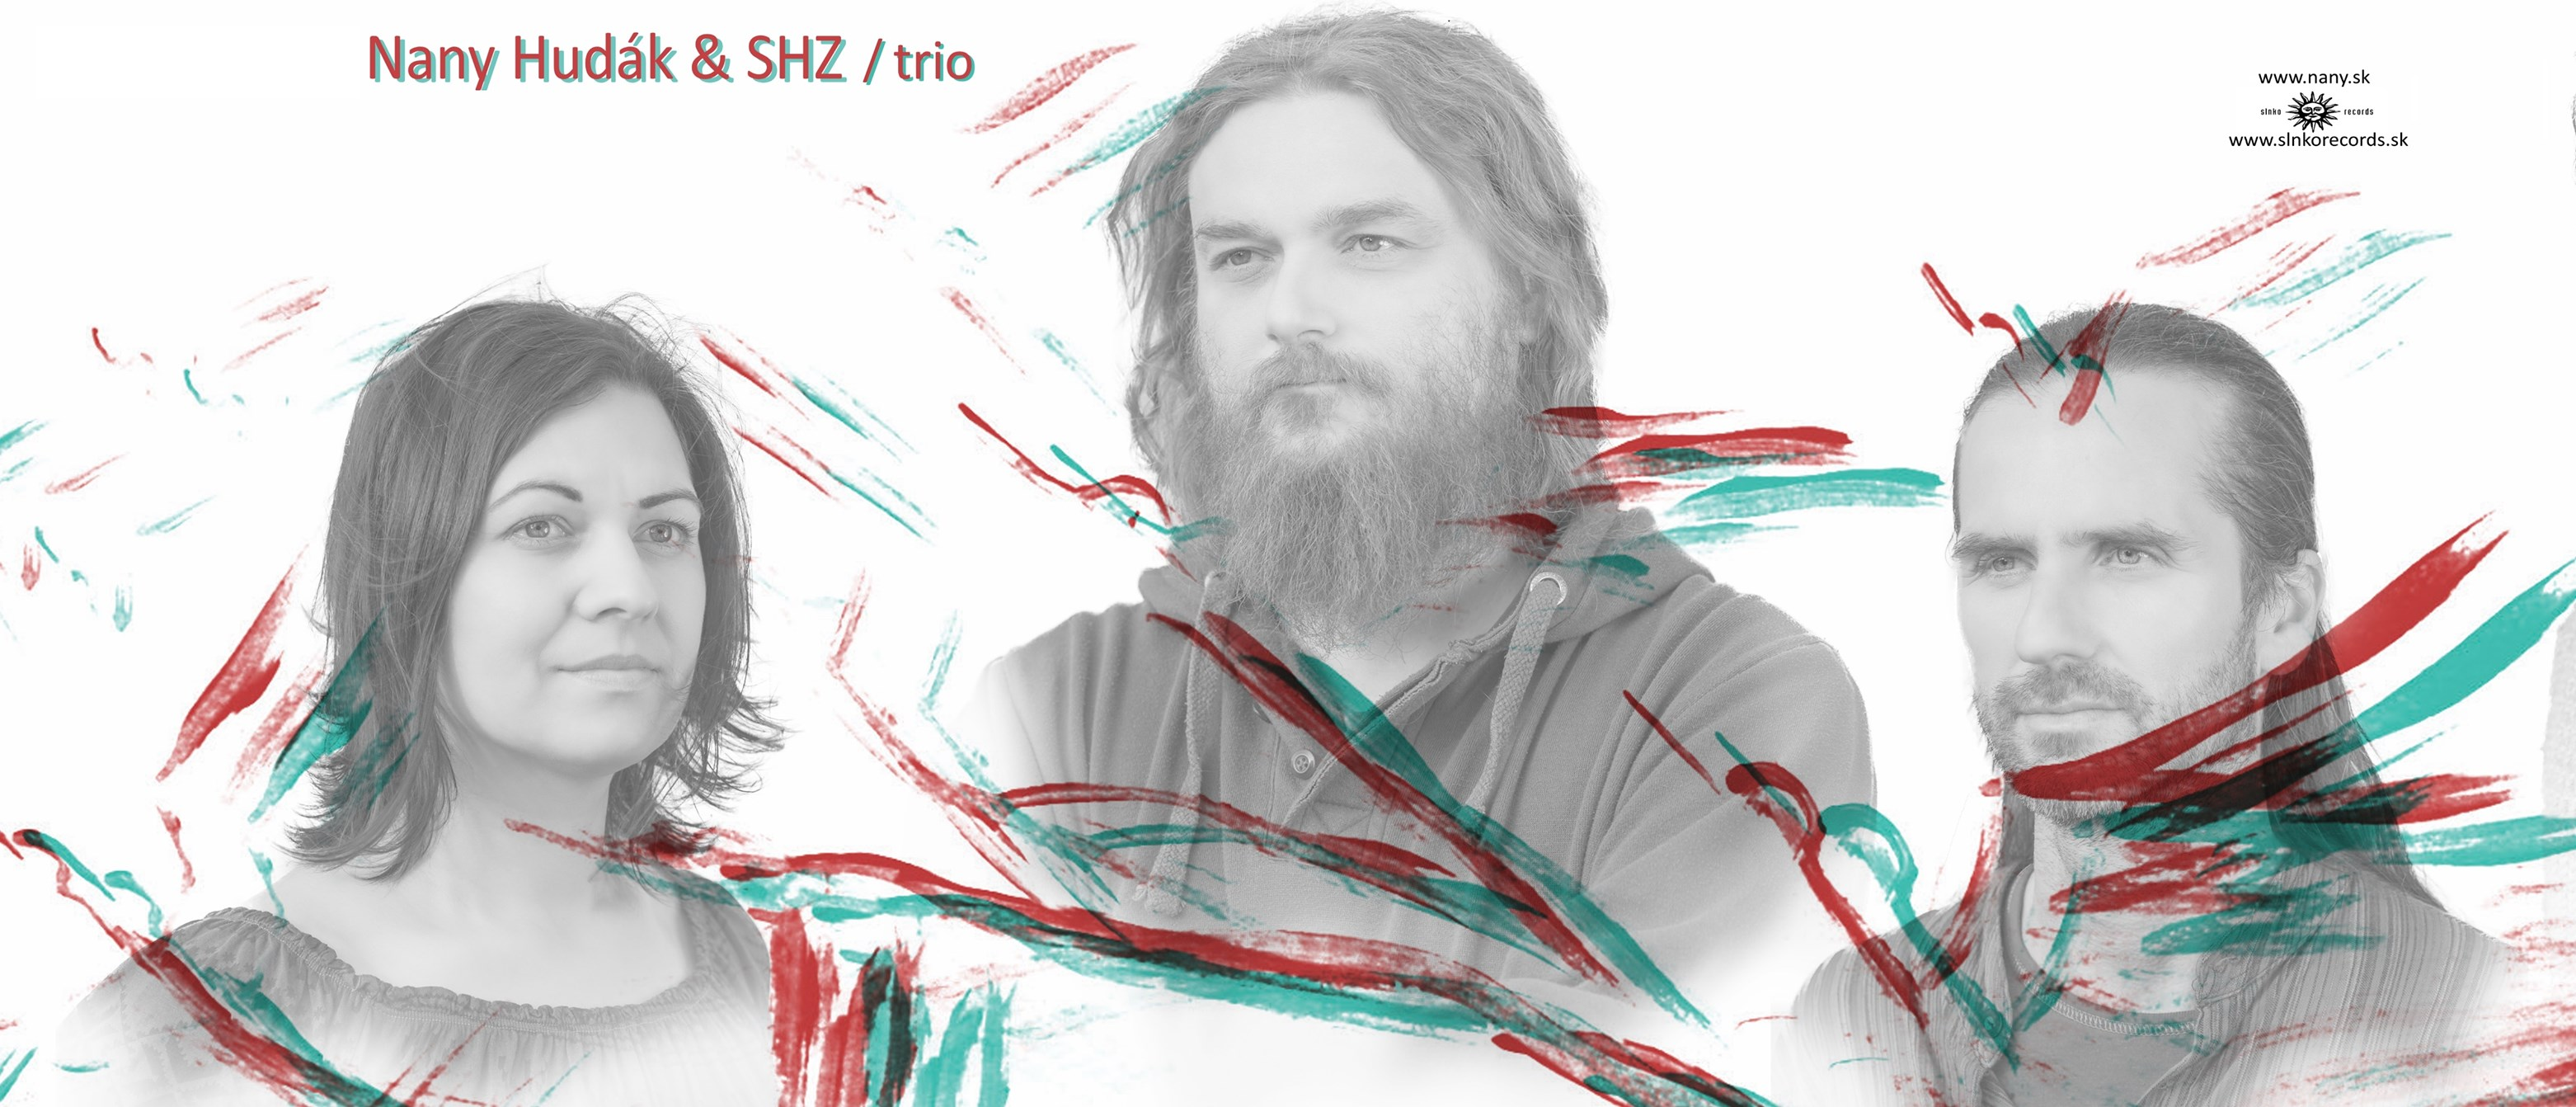 Nany Hudák & SHZ / Trio v Septime